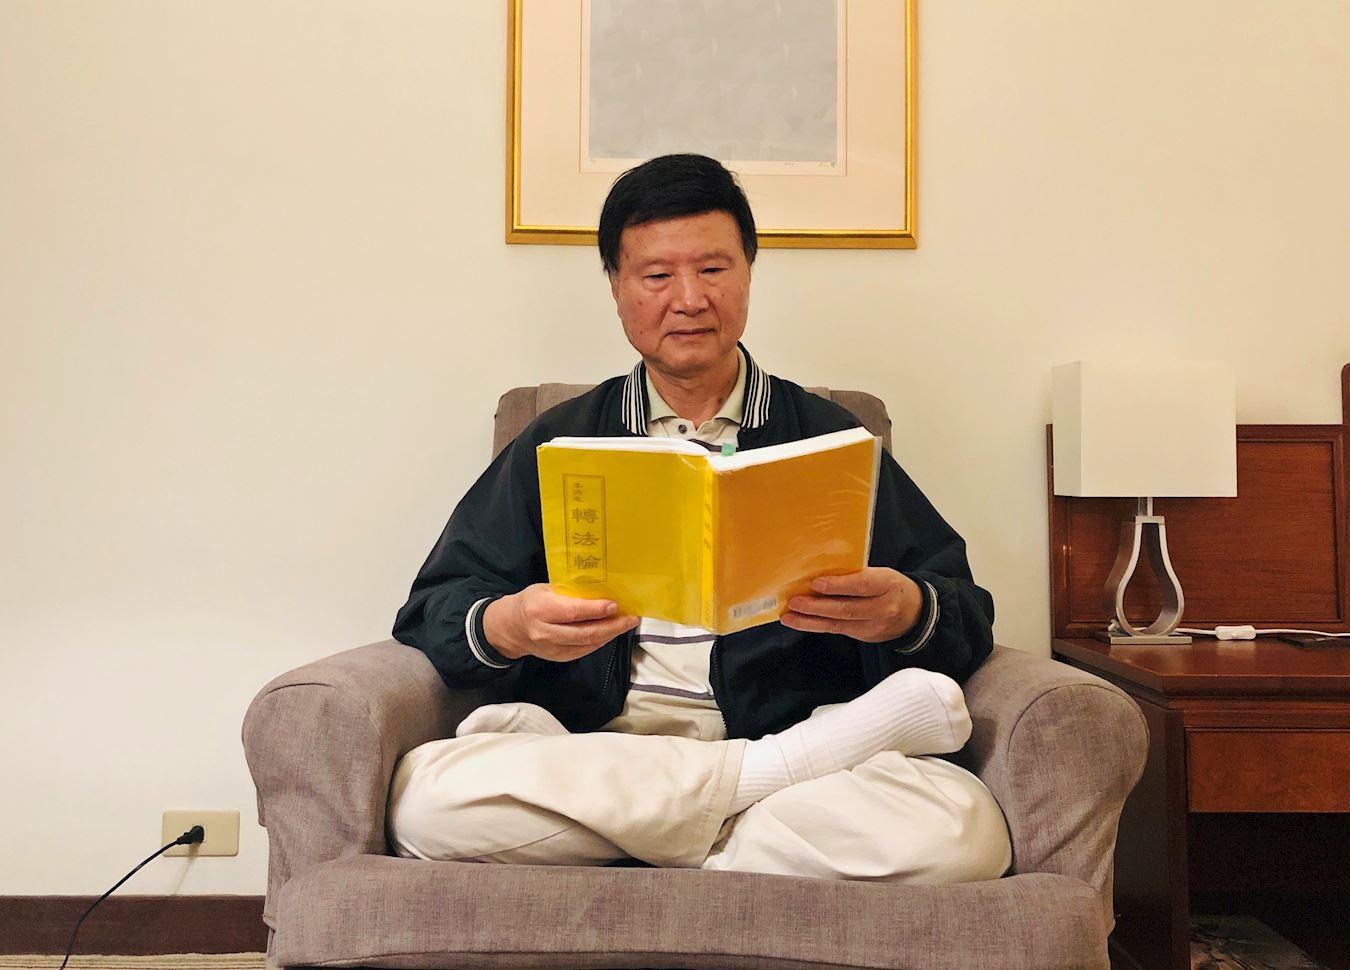 徐文海感慨於李洪志師父的每一句法理,打從心底覺得做人就是應該按「真、善、忍」那樣。(明慧網)